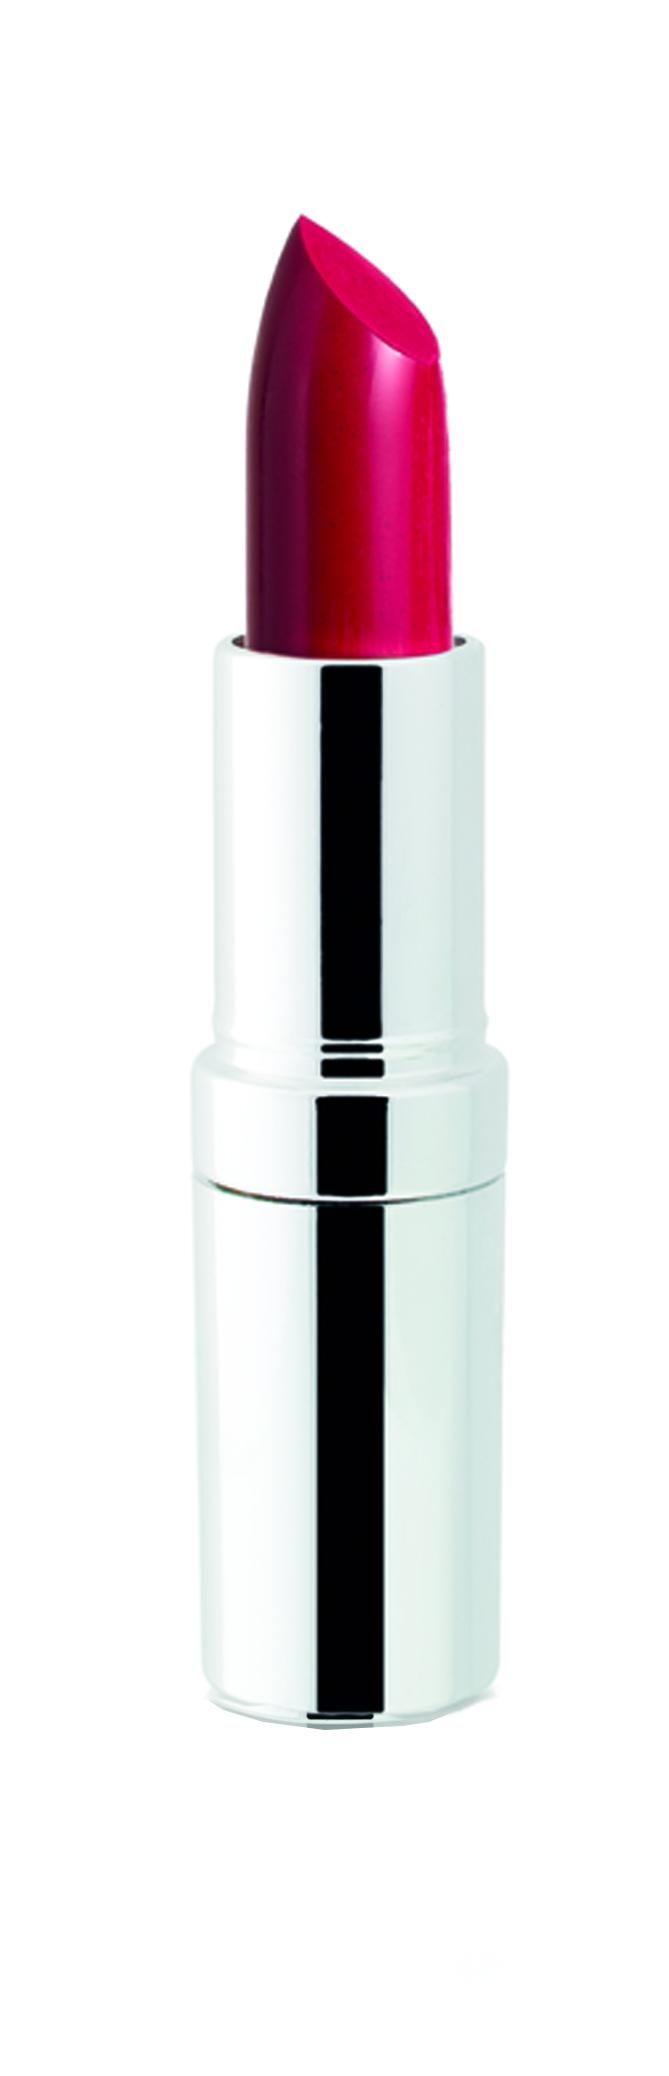 SEVENTEEN Помада губная устойчивая матовая SPF 15, 10 красные губки / Matte Lasting Lipstick 5 г